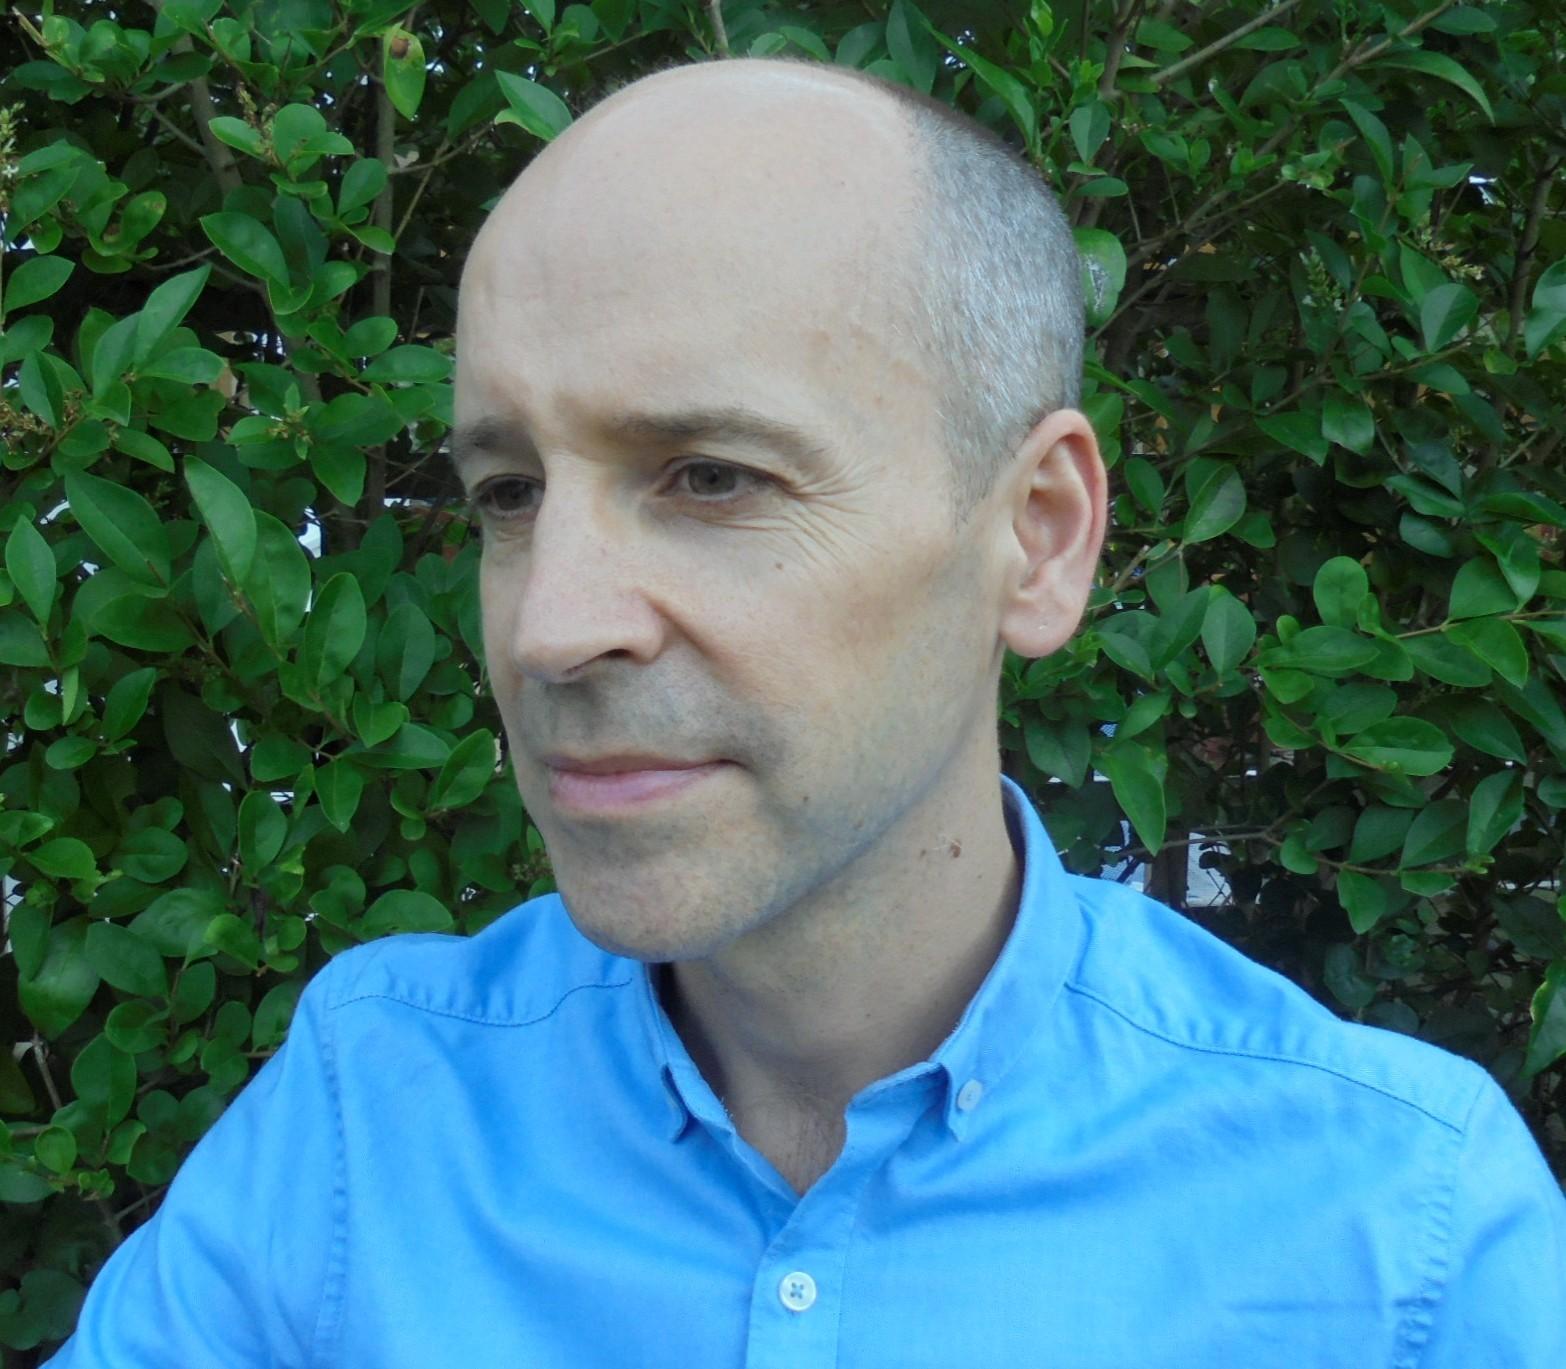 Paul Hapney